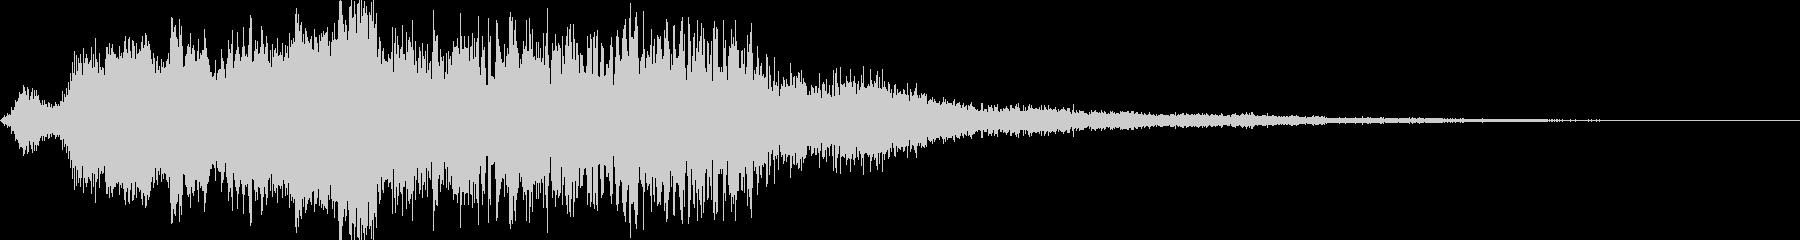 ケンタウルスのロゴ1の未再生の波形